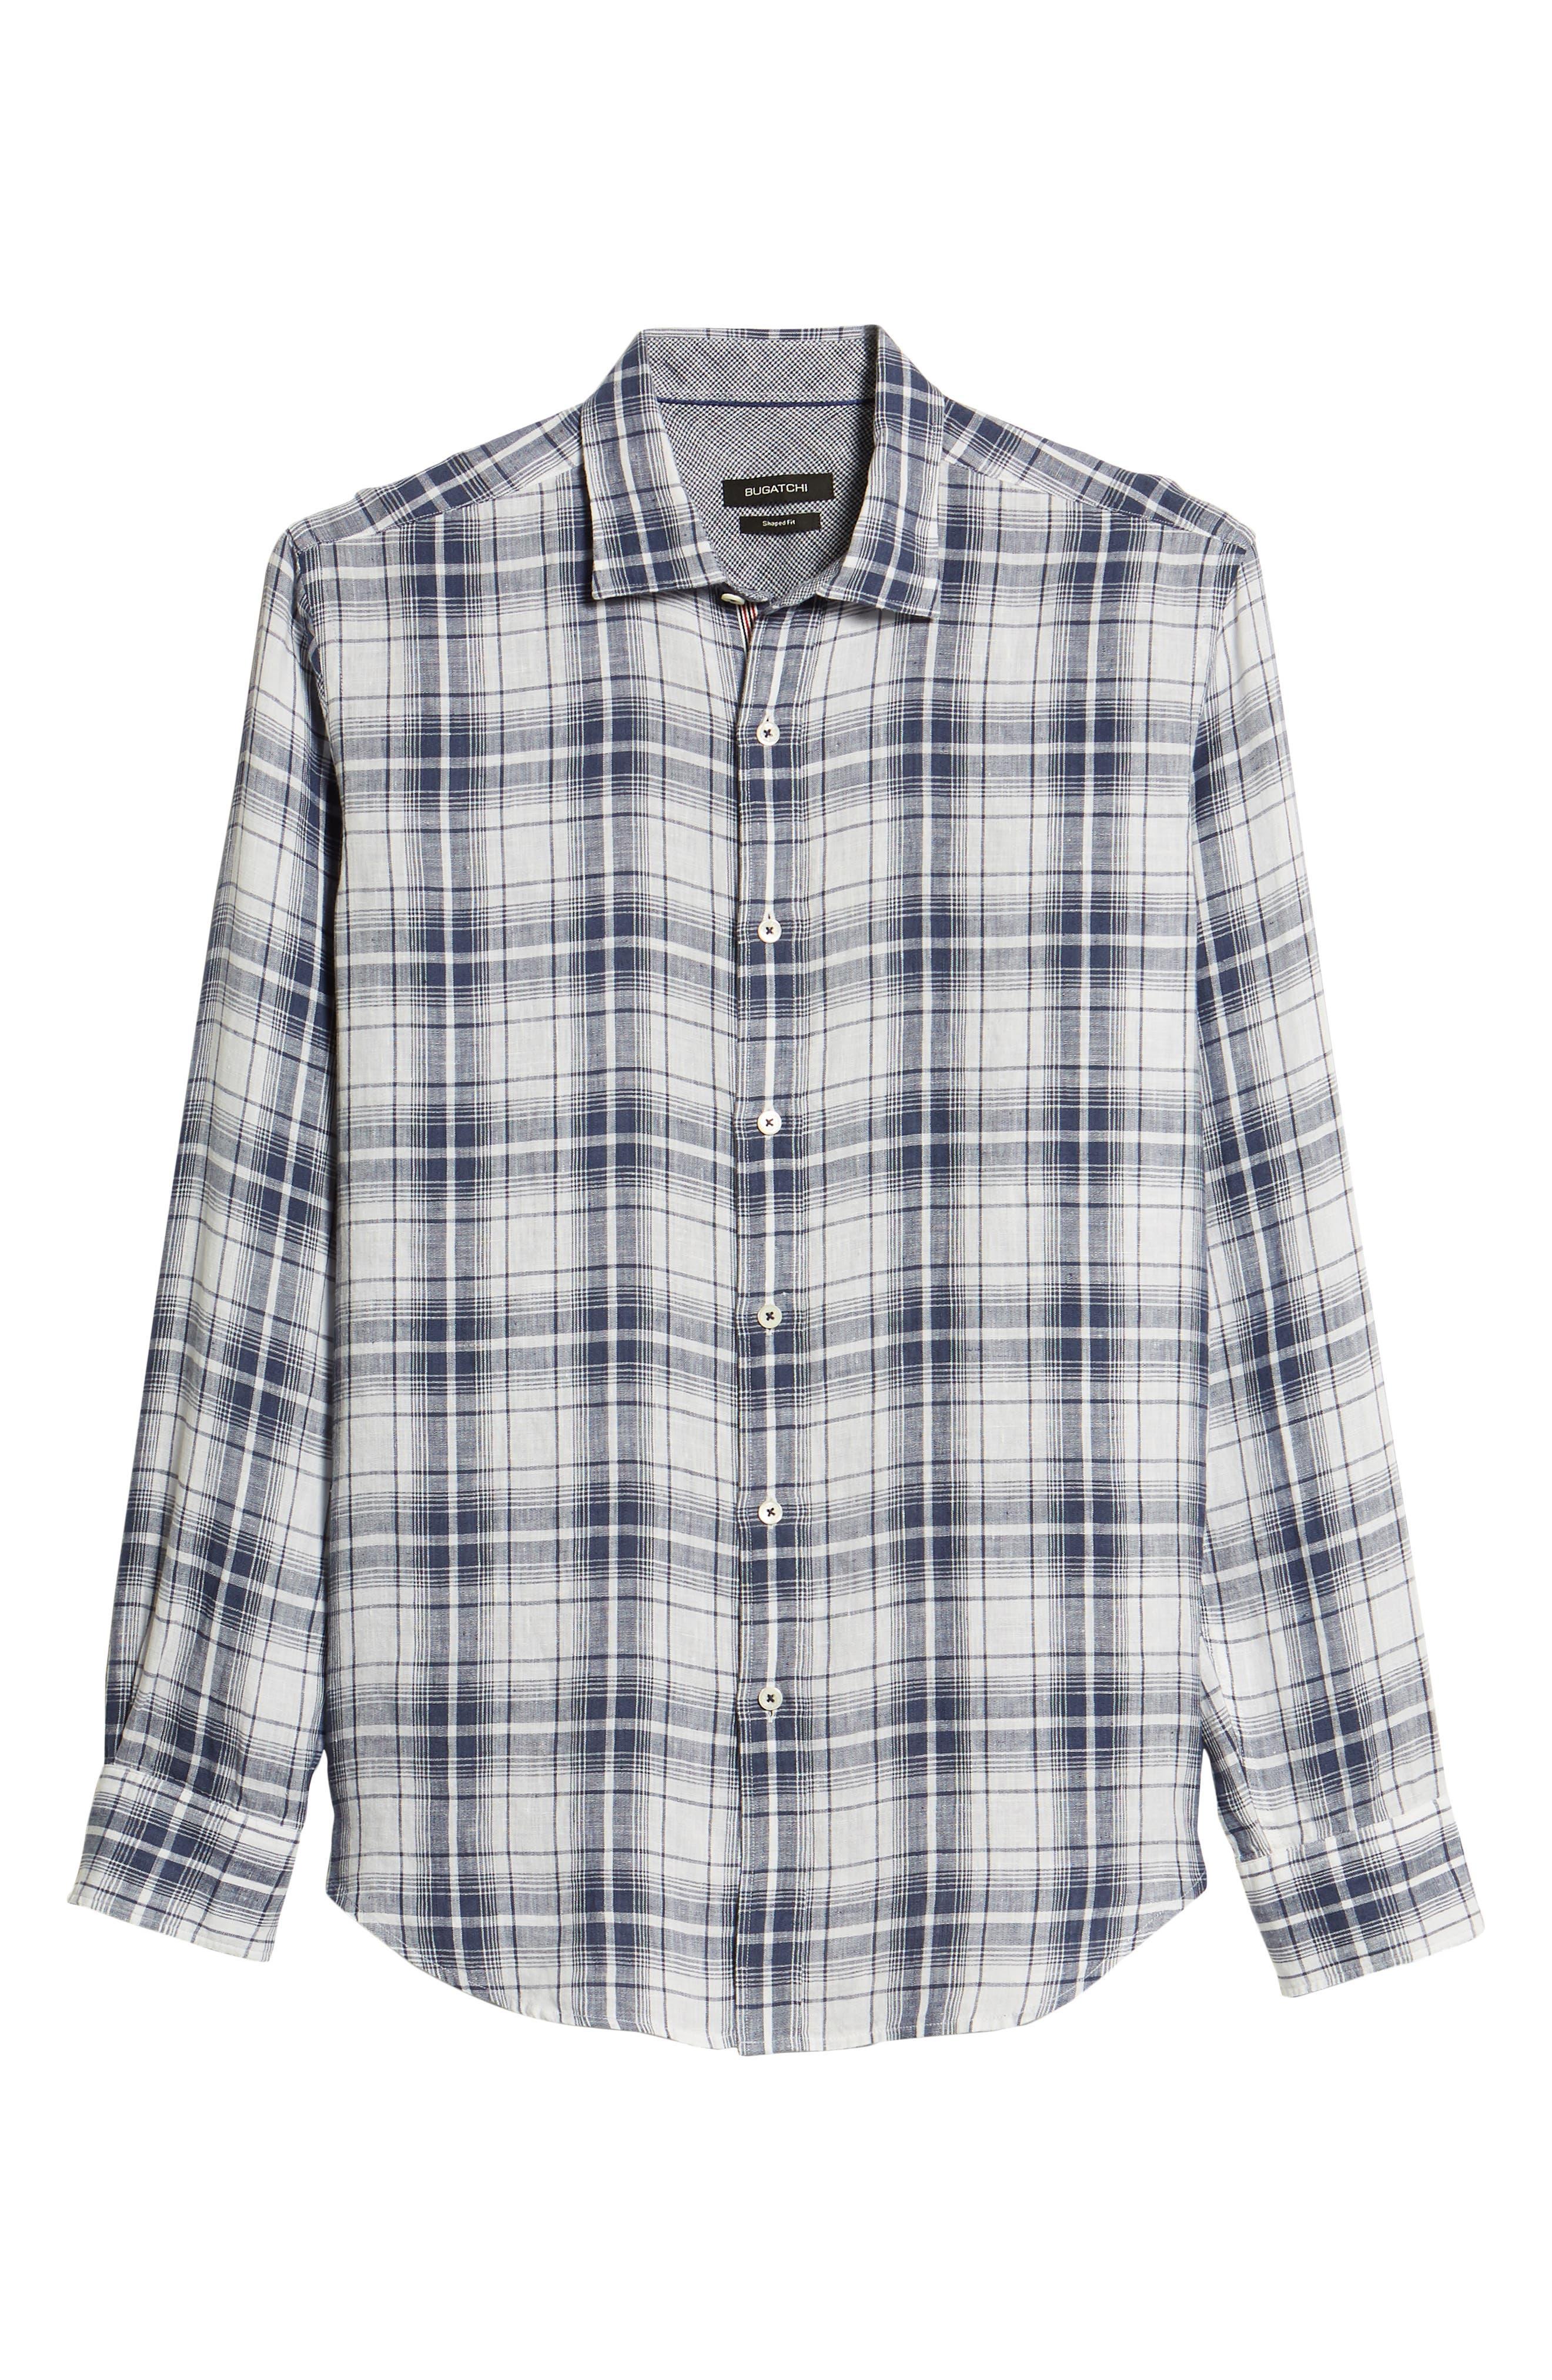 BUGATCHI,                             Shaped Fit Plaid Linen Sport Shirt,                             Alternate thumbnail 6, color,                             411